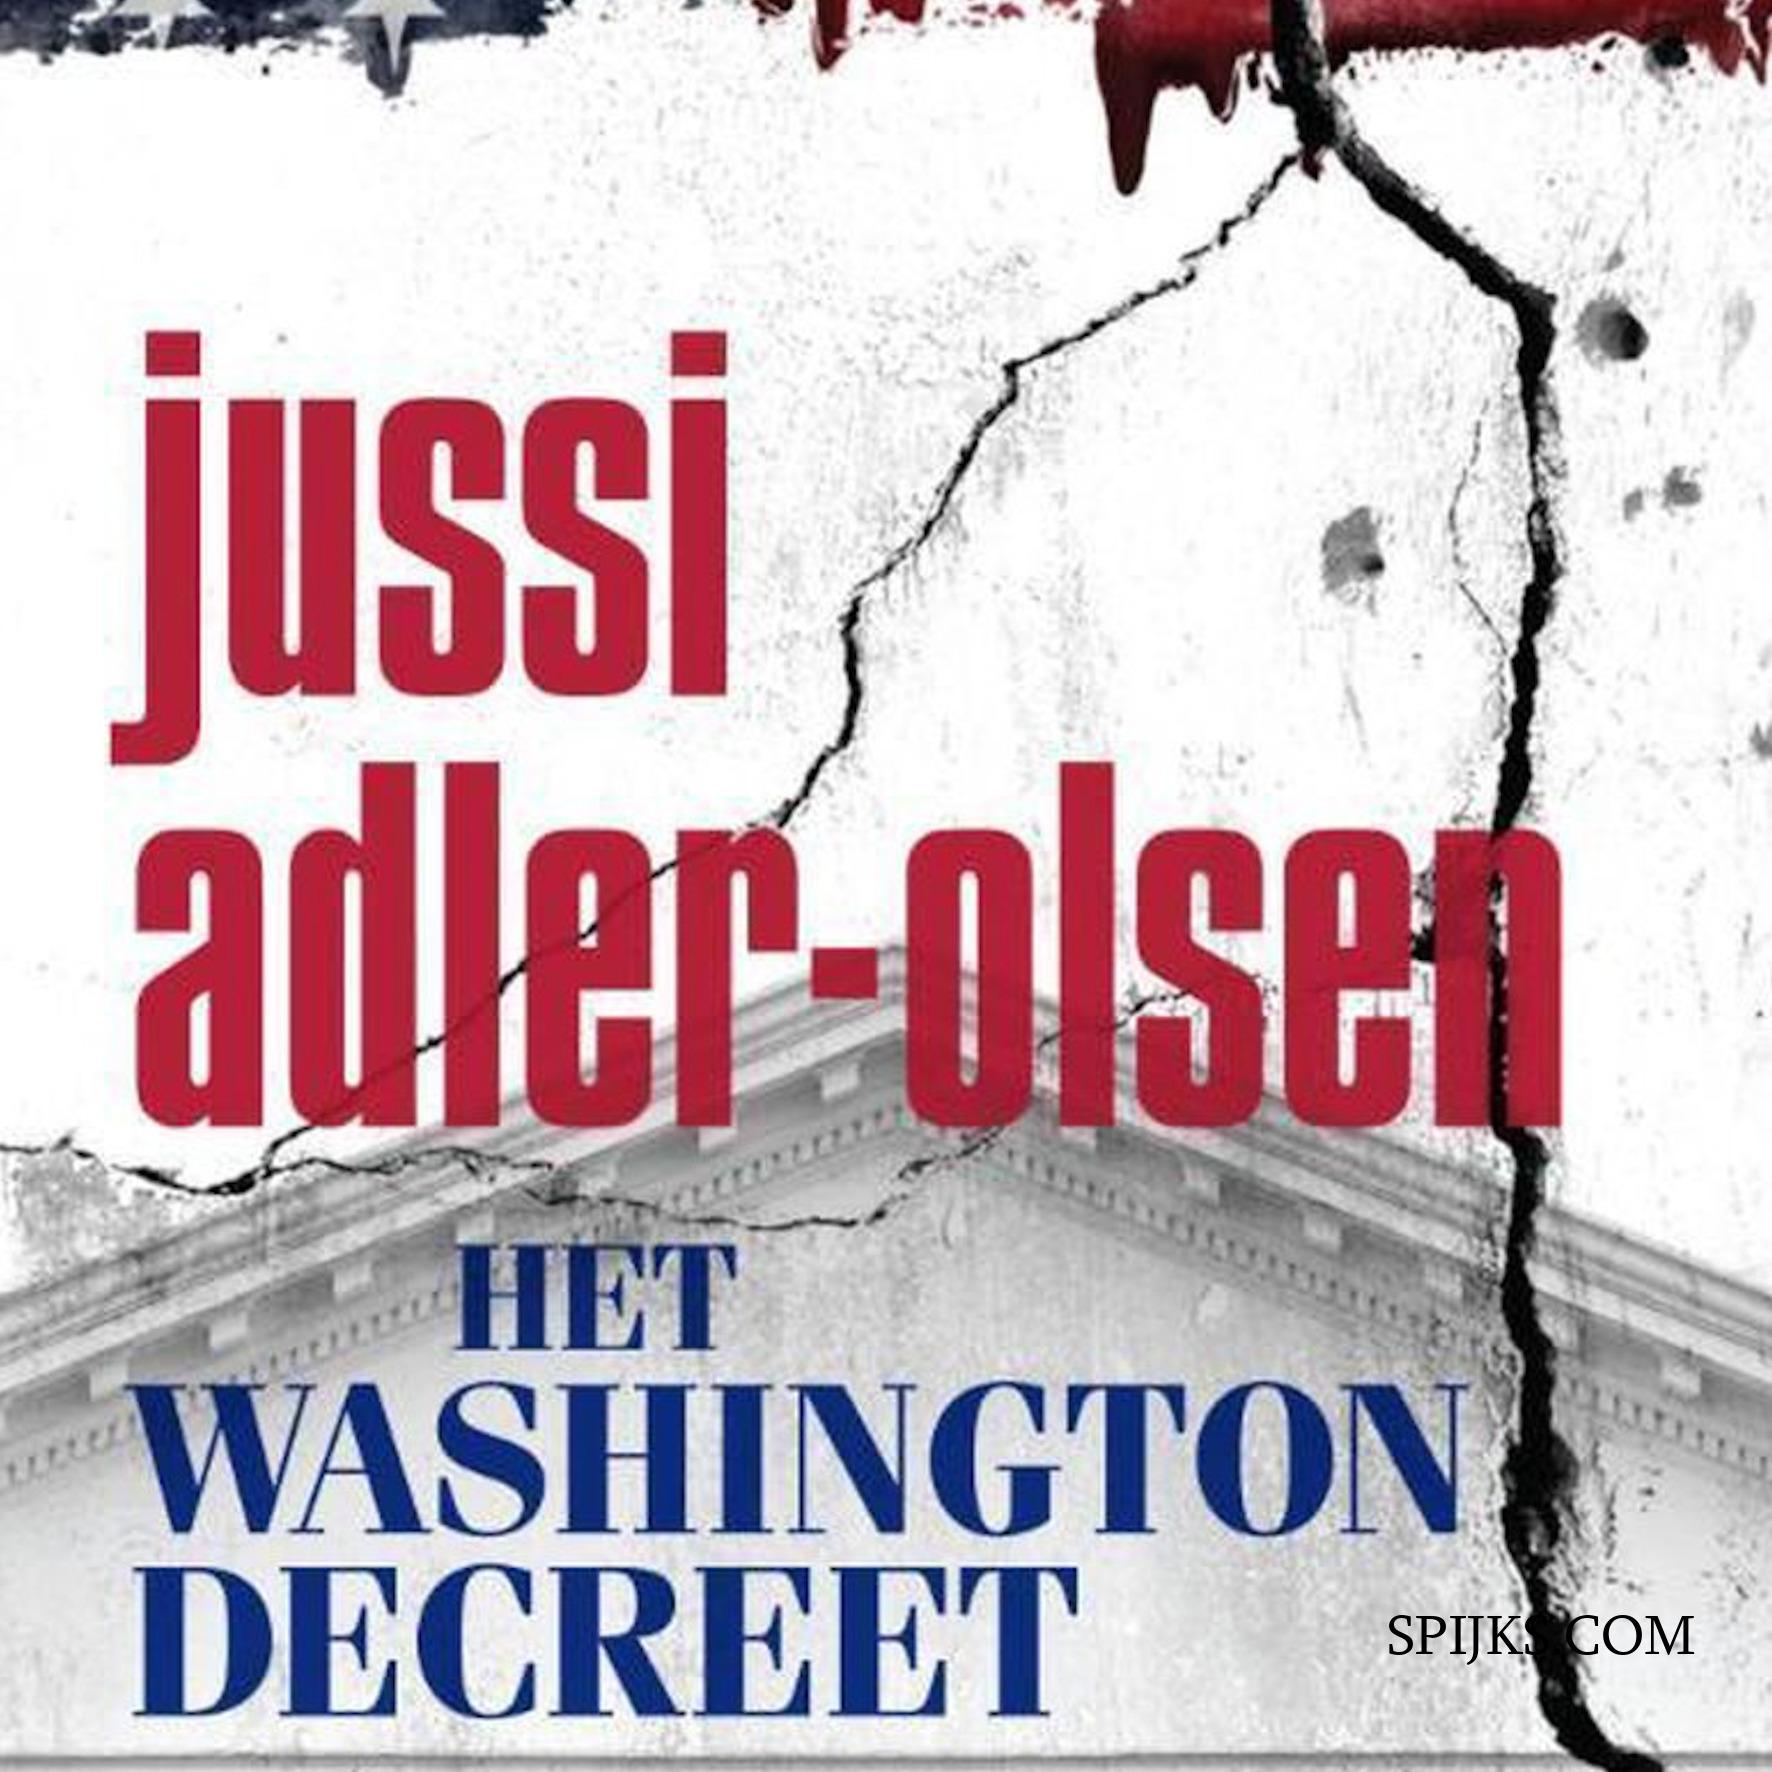 Spijks.com Boekenkast | Het Washington decreet, Jussi Adler-Olsen